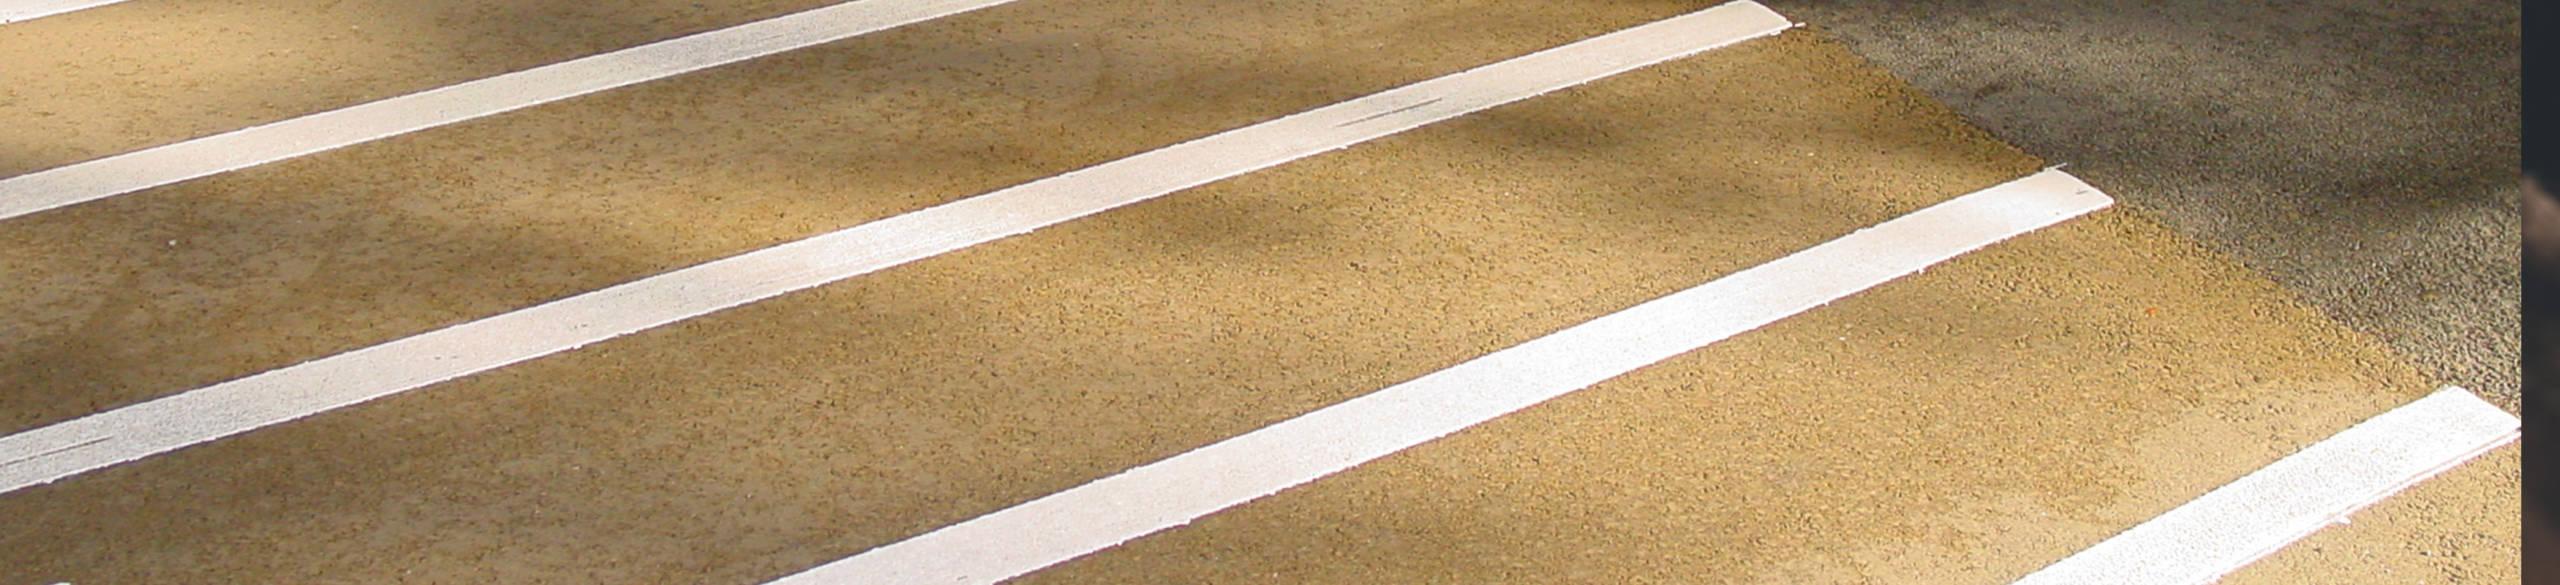 Geel asfalt met witte coating